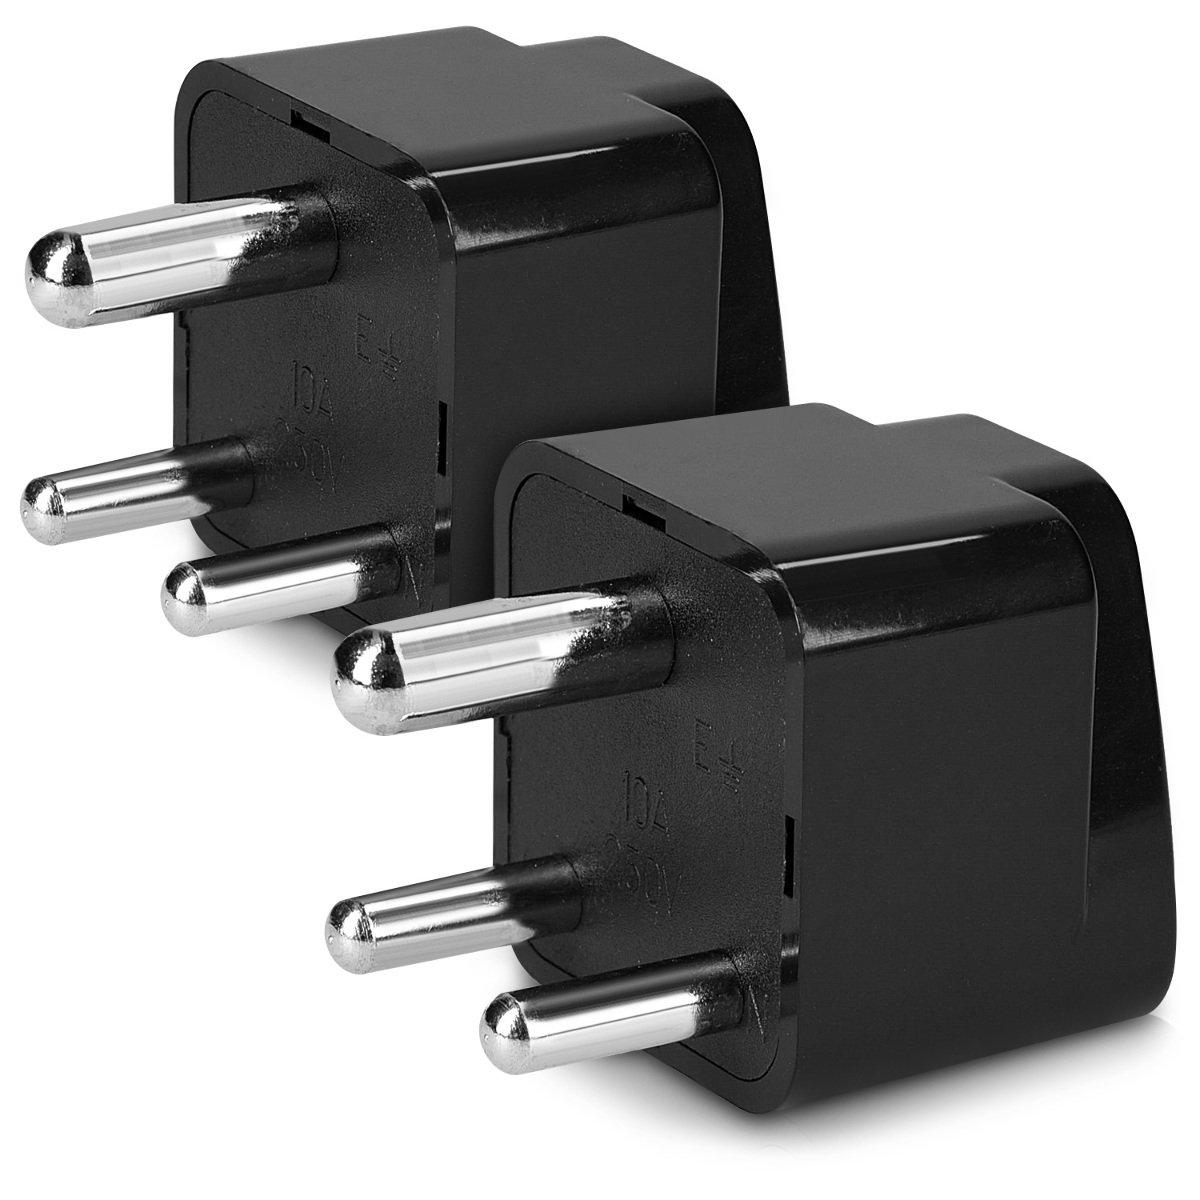 kwmobile 2x adattatore da viaggio universale Tipo D - Adapter elettrico per presa Type D India Sri Lanka Nepal Emirati Arabi Congo - nero KW-Commerce 45236.05_m000133